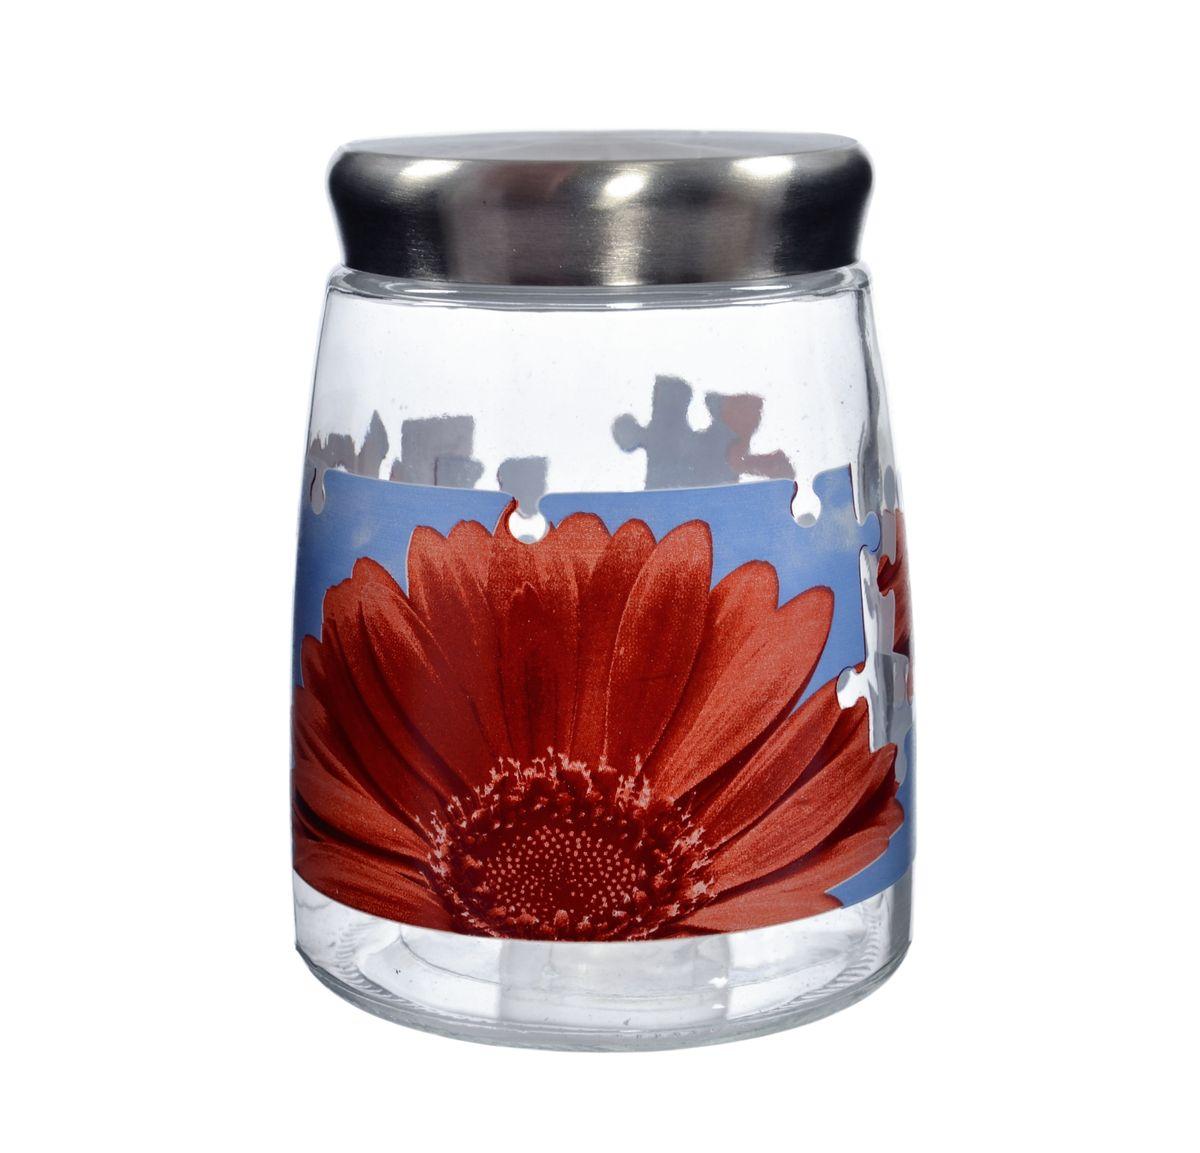 Банка для сыпучих продуктов Cerve Пазл гербера, цвет: прозрачный, красный, 1,38 лCEM42290Банка для сыпучих продуктов Cerve Пазл гербера изготовлена из прочного стекла и декорирована красочным рисунком. Банка оснащена плотно закрывающейся металлической крышкой. Благодаря этому внутри сохраняется герметичность, и продукты дольше остаются свежими. Изделие предназначено для хранения различных сыпучих продуктов: круп, чая, сахара, орехов и многого другого. Функциональная и вместительная, такая банка станет незаменимым аксессуаром на любой кухне. Не рекомендуется мыть в посудомоечной машине. Диаметр (по верхнему краю): 8,5 см. Высота банки (без учета крышки): 16 см.